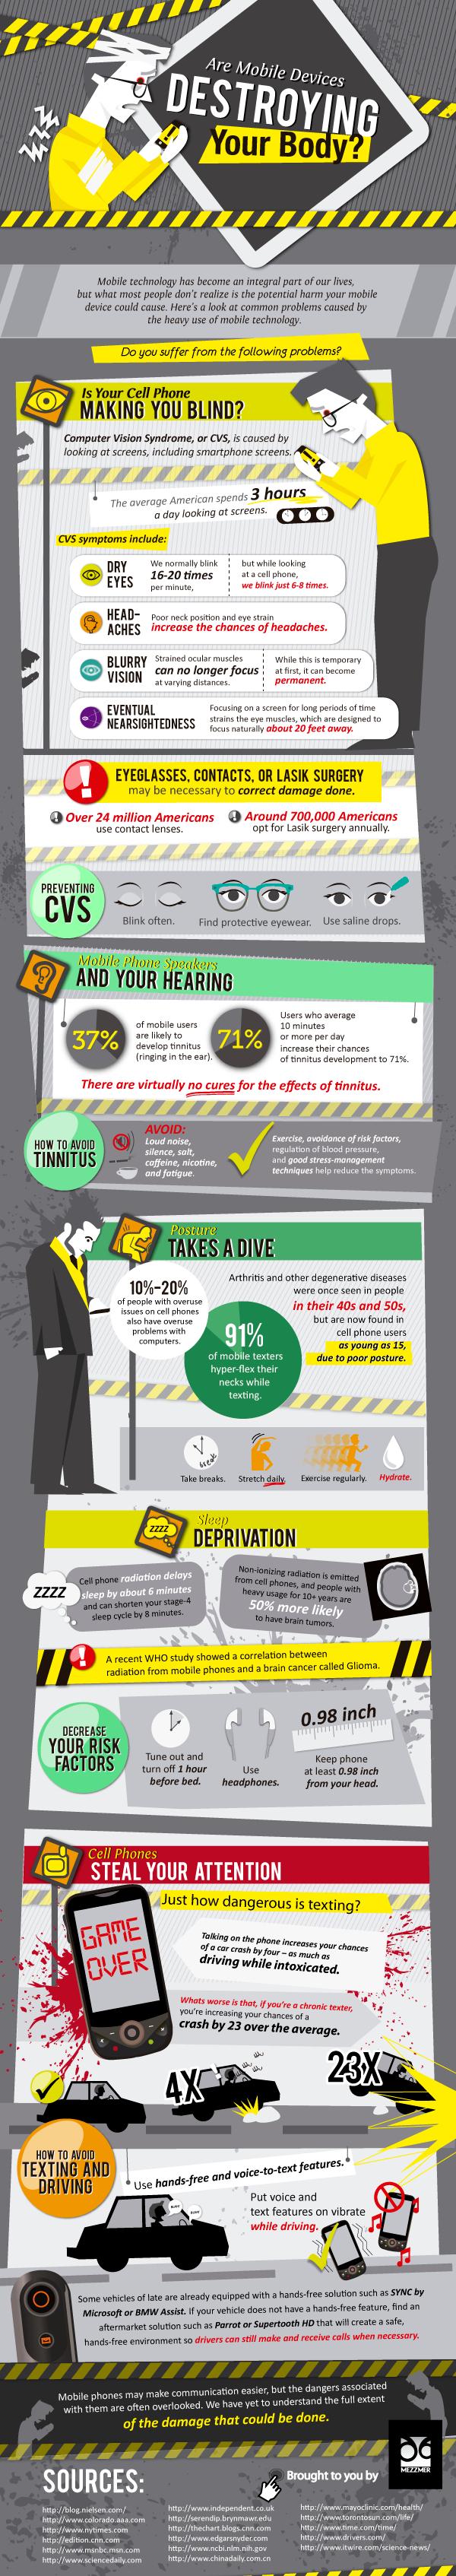 mobiles telephones impact sante gnd geek - Est-ce que vos gadgets détruisent votre santé? [Infographique]